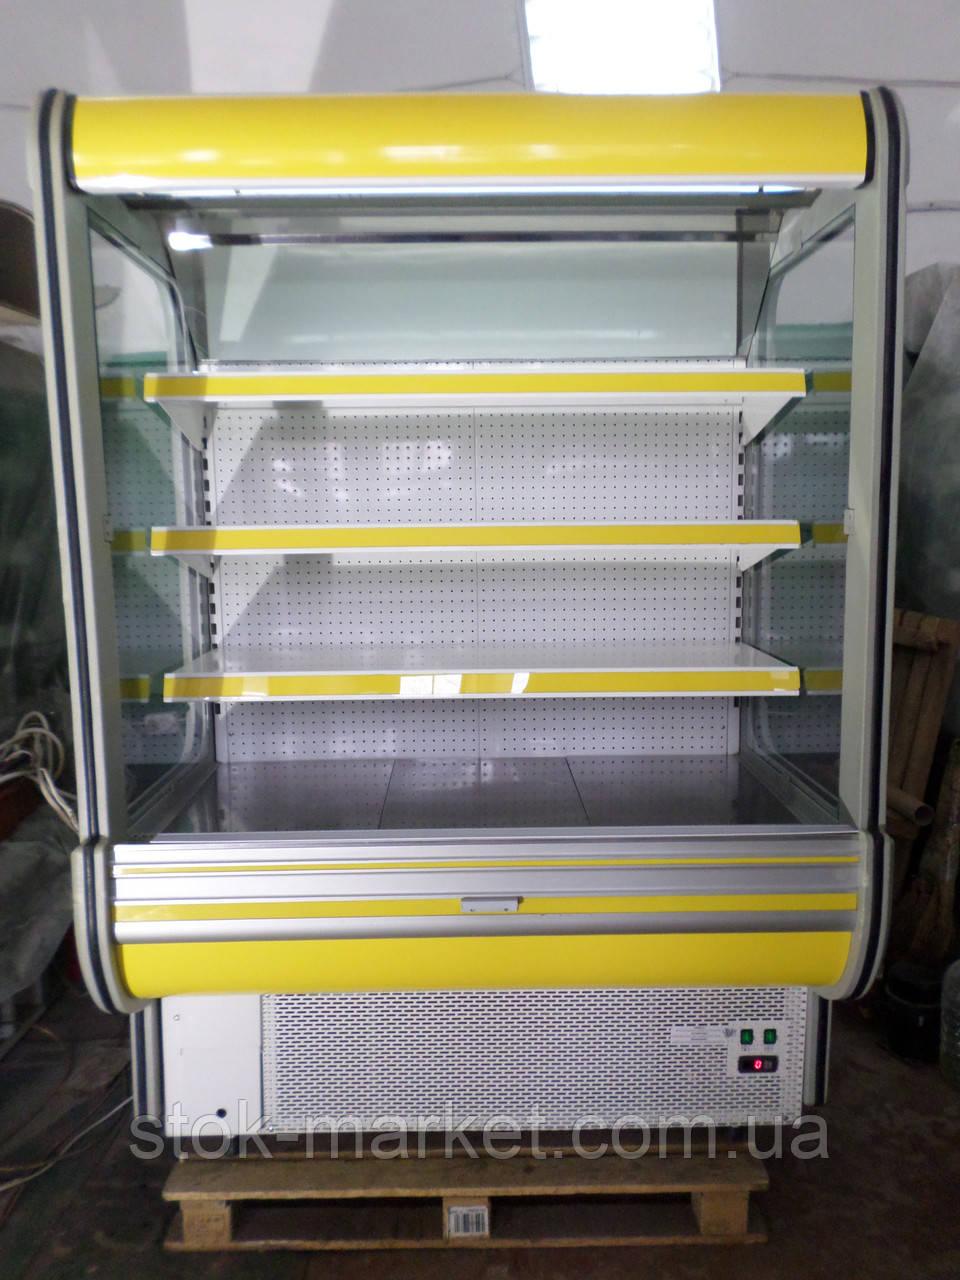 Холодильні гірки б/у, холодильний регал Cold R-14 б, пристінні вітрини гастрономічні, холодильна гірка